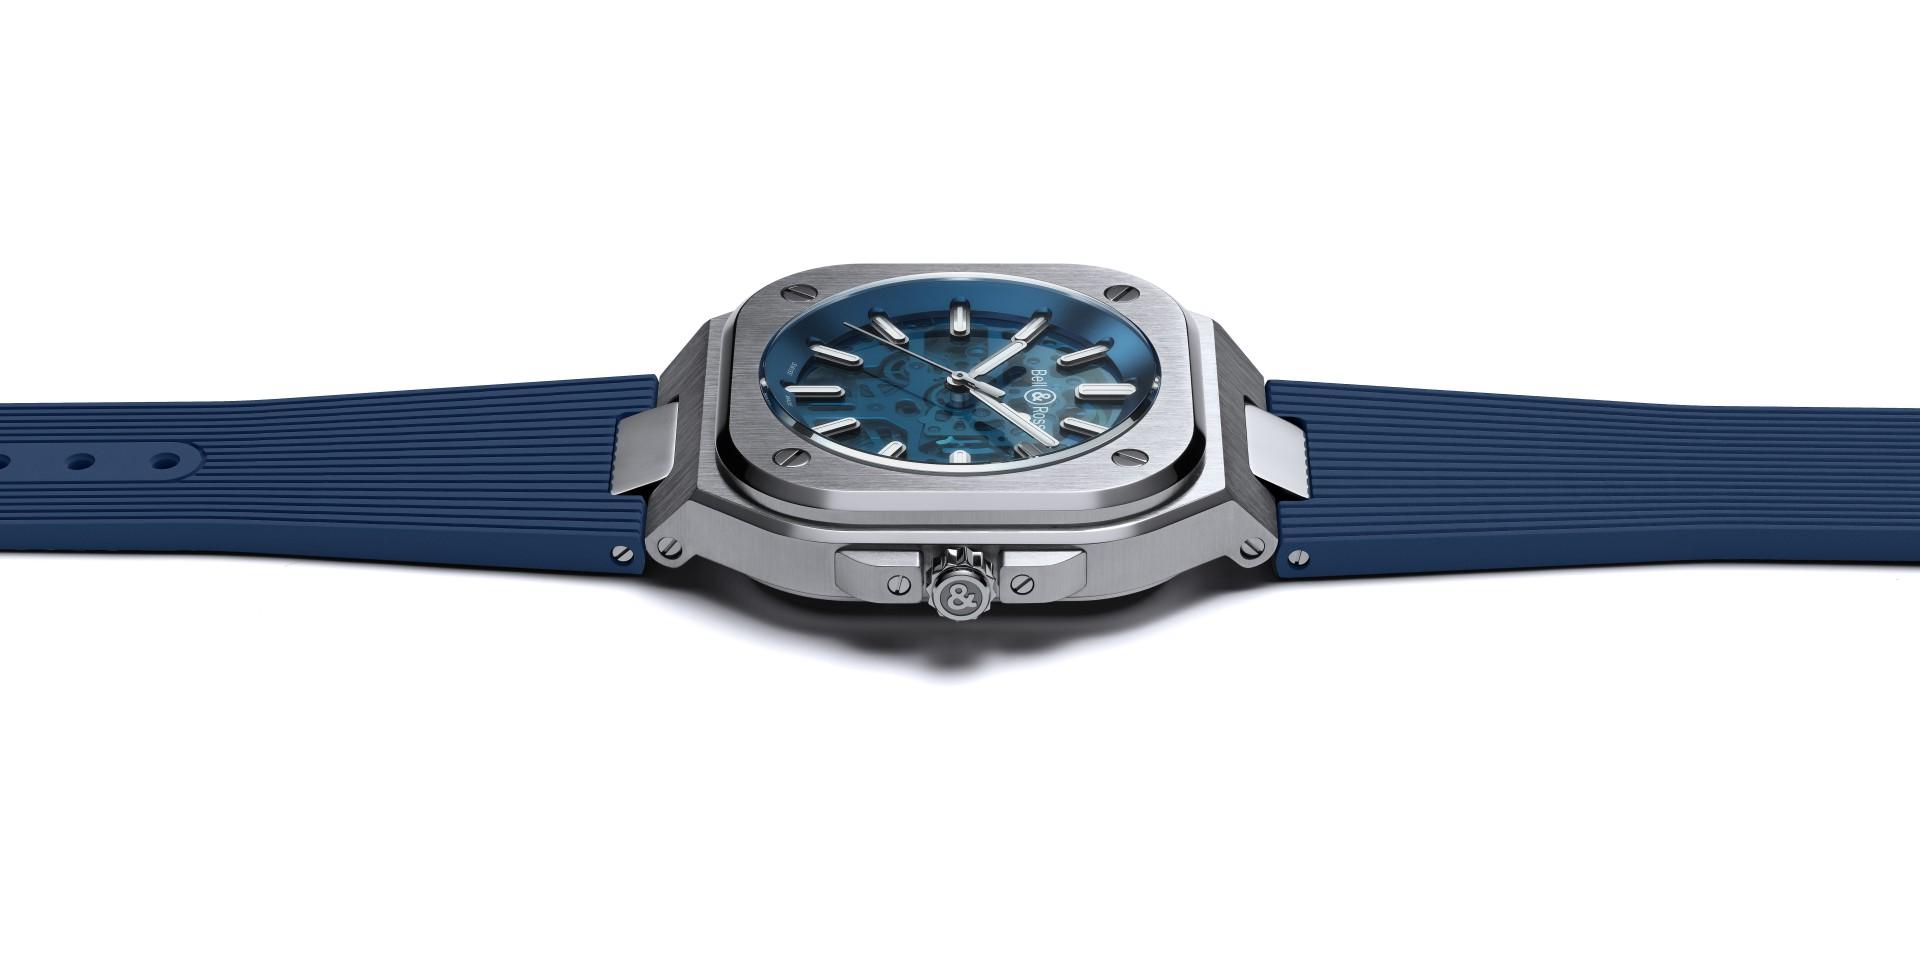 【2020線上錶展】透視藍色的魅力:Bell & Ross BR 05 藍色鏤空面盤腕錶